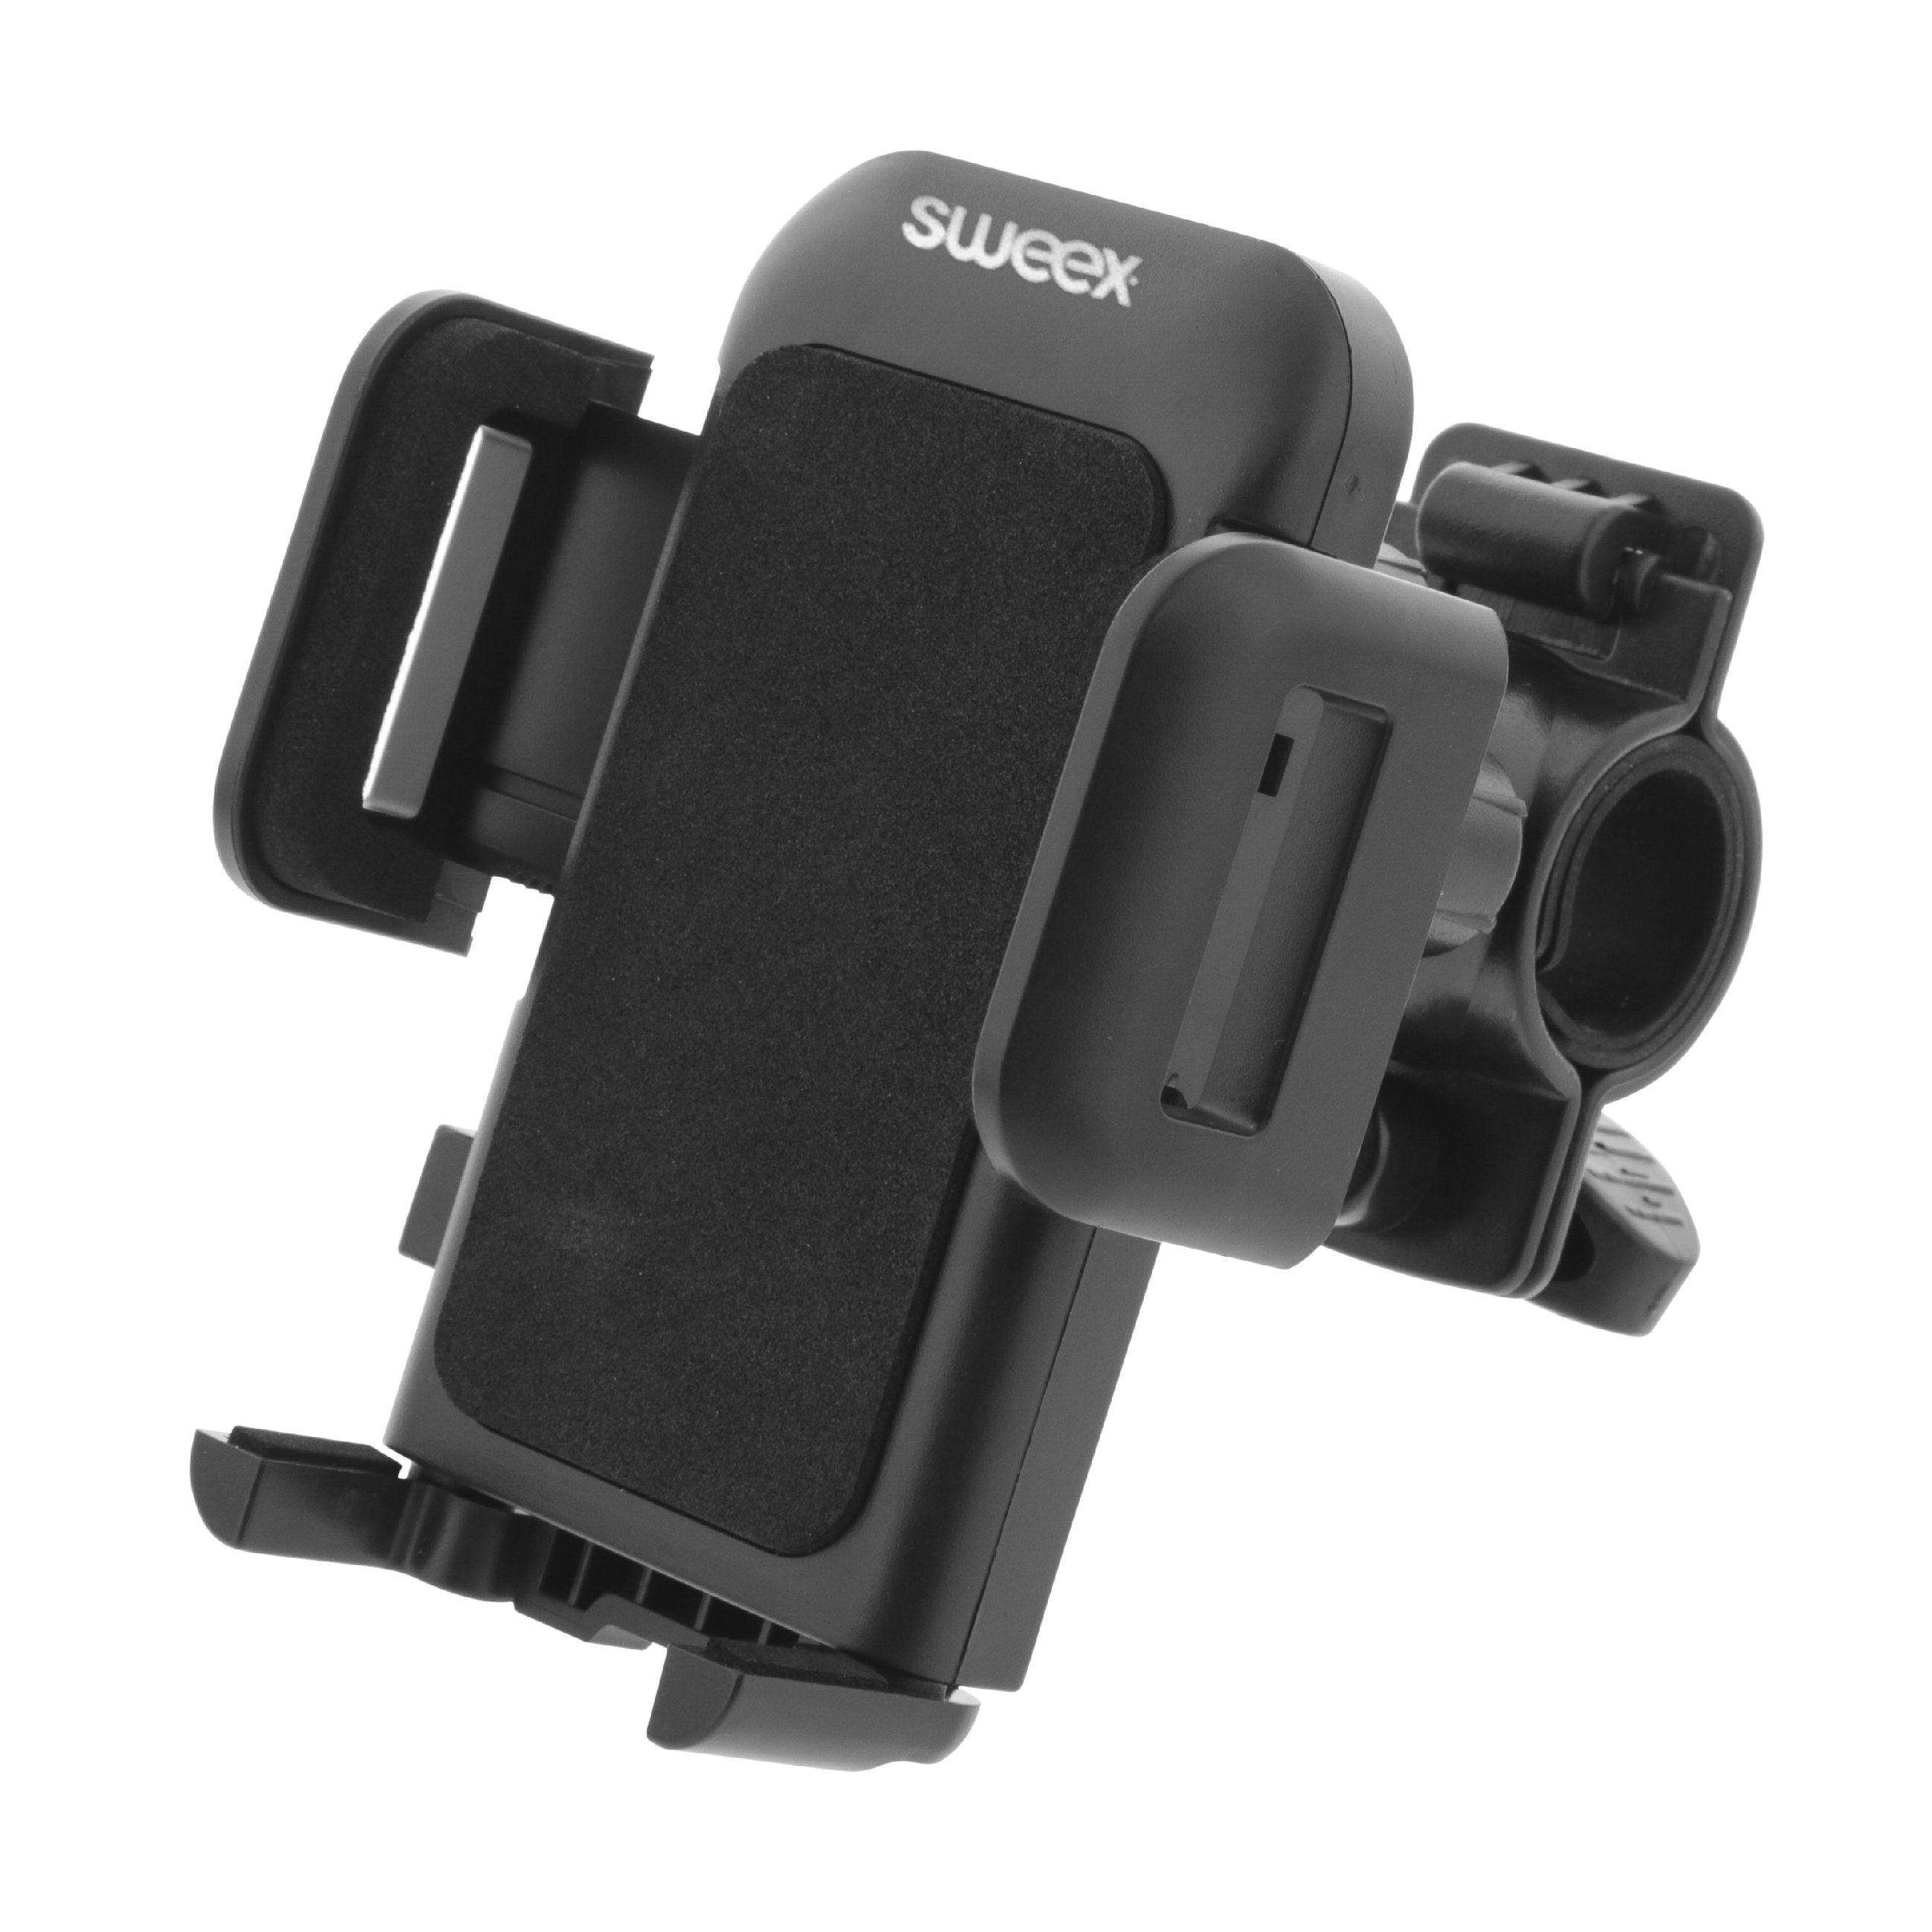 Sweex univerzální XL držák telefonu na jízdní kolo SWUSPBM100BK